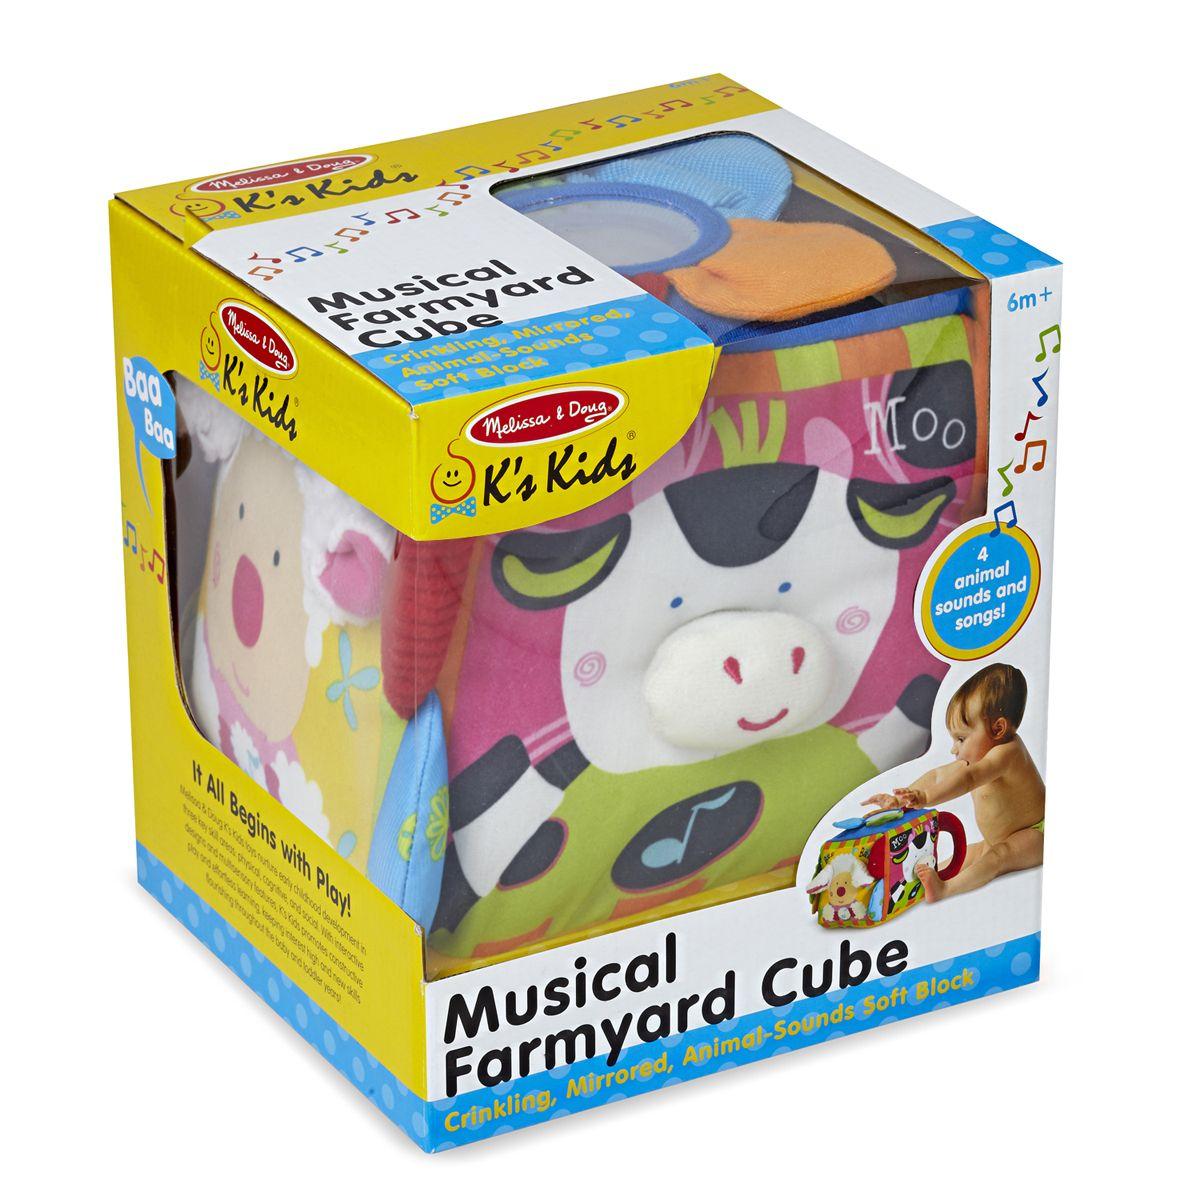 Melissa&Doug TRÈS POPULAIRE, COUP DE COEUR. Le Cube musical que les jeunes enfants adore! 24.99$. Disponible dans la boutique St-Sauveur (Laurentides) Boîte à Surprises, ou en ligne sur www.laboiteasurprisesdenicolas.ca ... sur notre catalogue de jouets en ligne, Livraison possible dans tout le Québec($) 450-240-0007 info@laboiteasurprisesdenicolas.ca